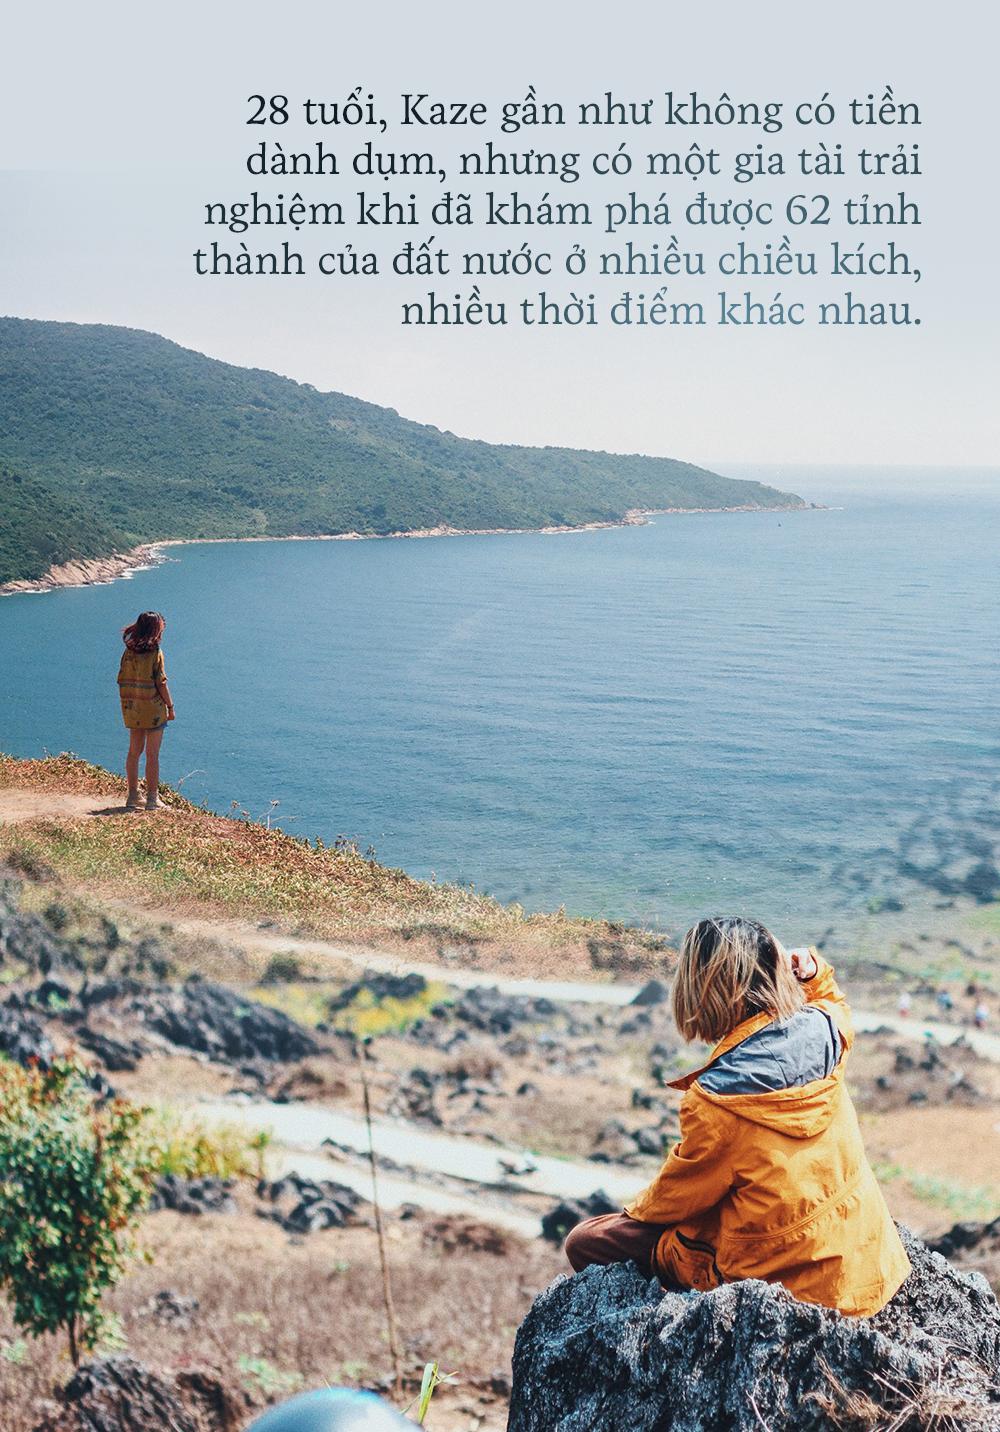 """Cô gái 9X đổ hết vốn liếng 10 năm đi làm để đi chơi: Du lịch 62 tỉnh thành Việt Nam vẫn chưa thấy """"đã"""" - Ảnh 2."""